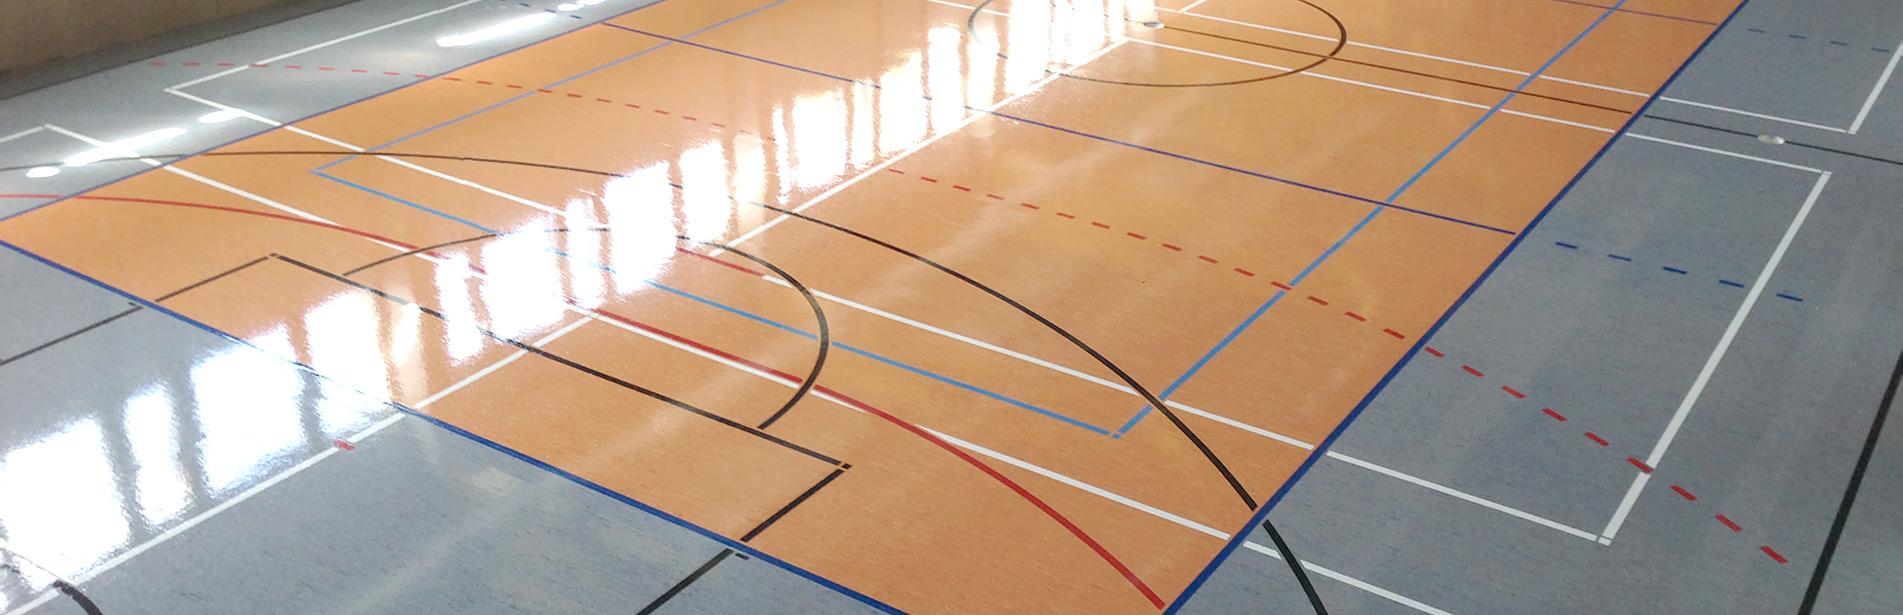 Sporthallenboden mit linien